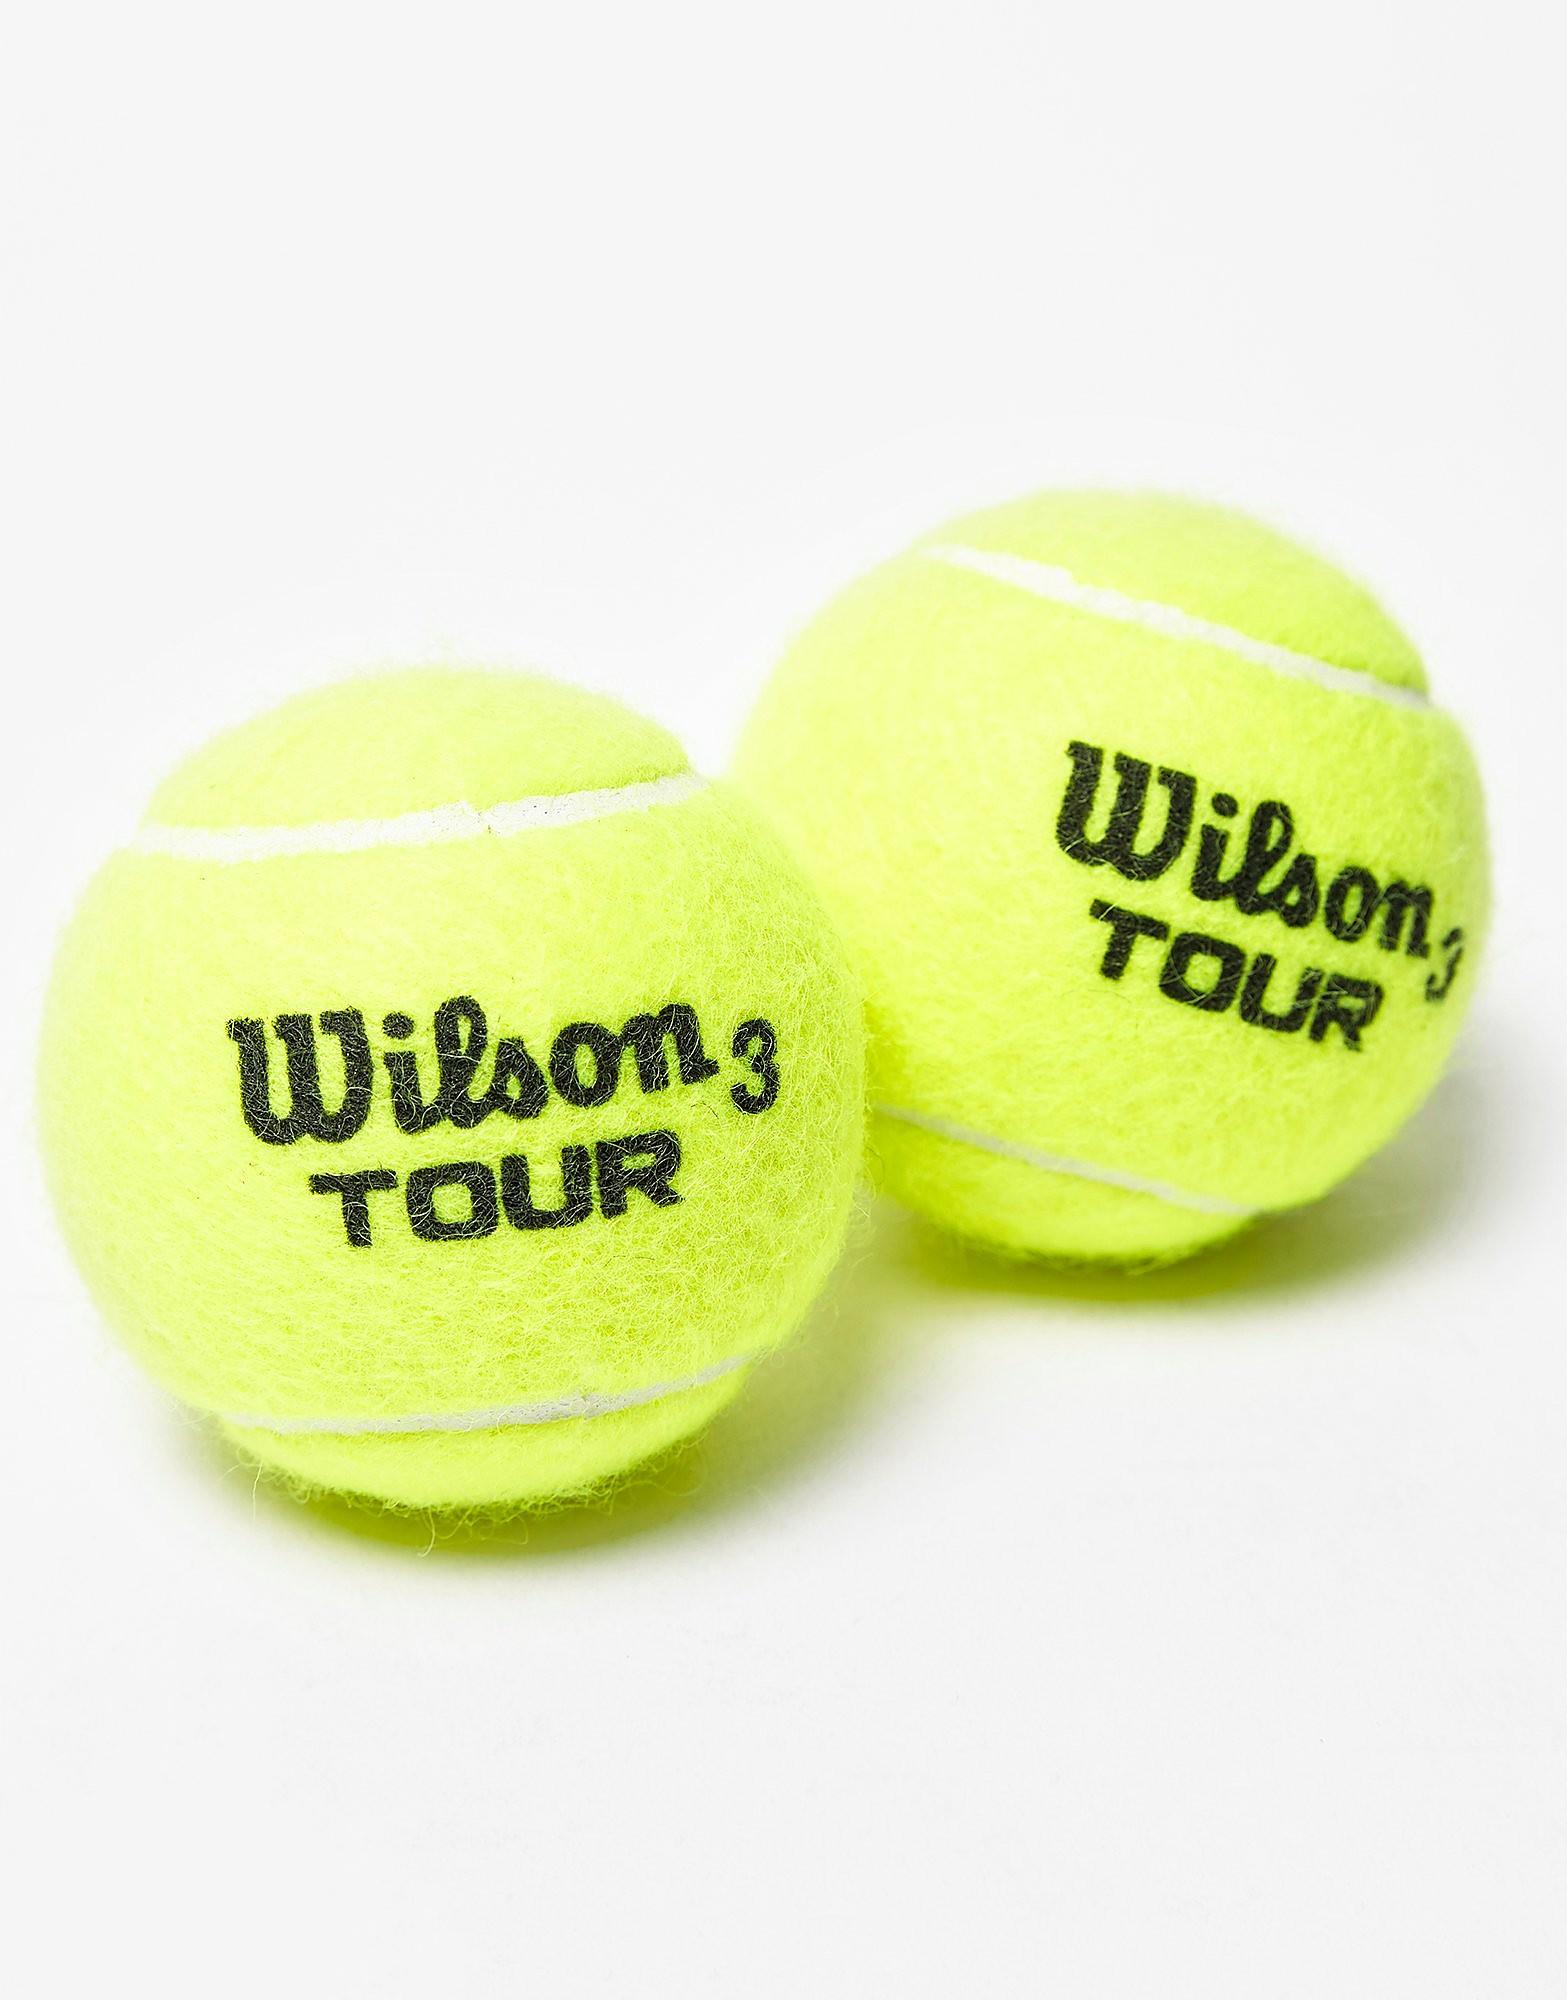 Wilson Tour Tennis Balls (4 Ball Can)